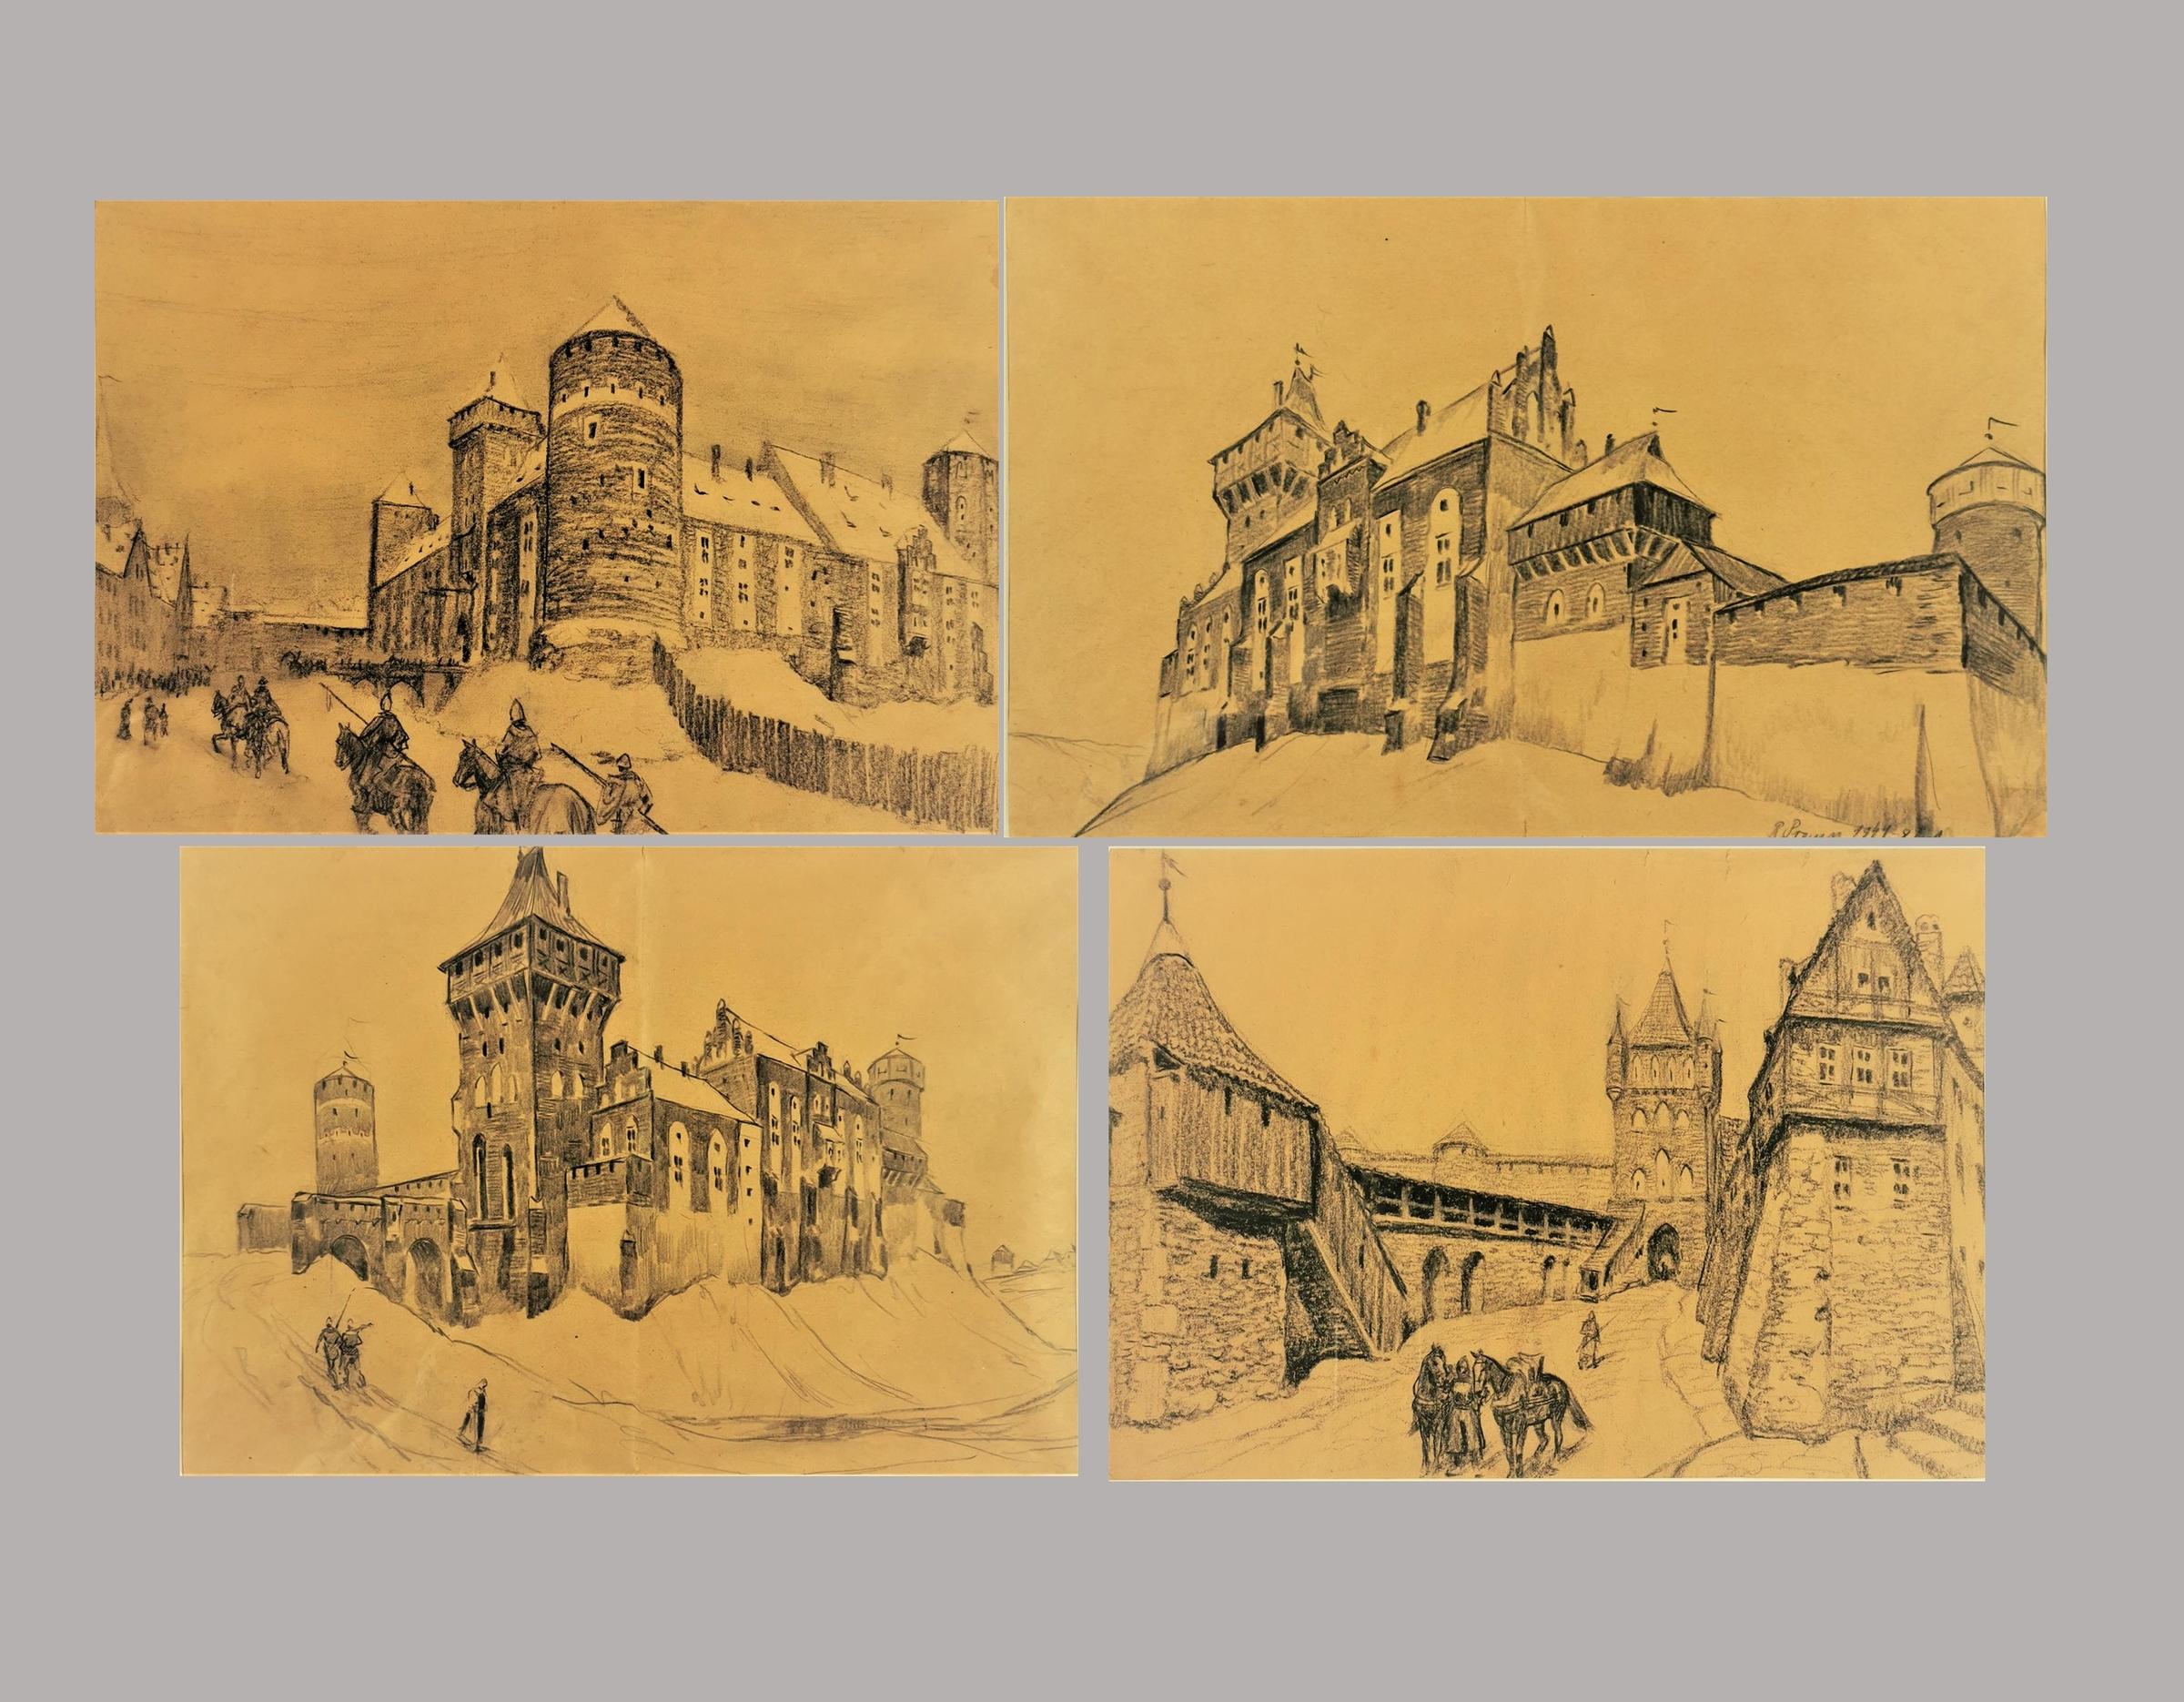 Imaginacje na temat średniowiecznej architektury - cztery rysunki